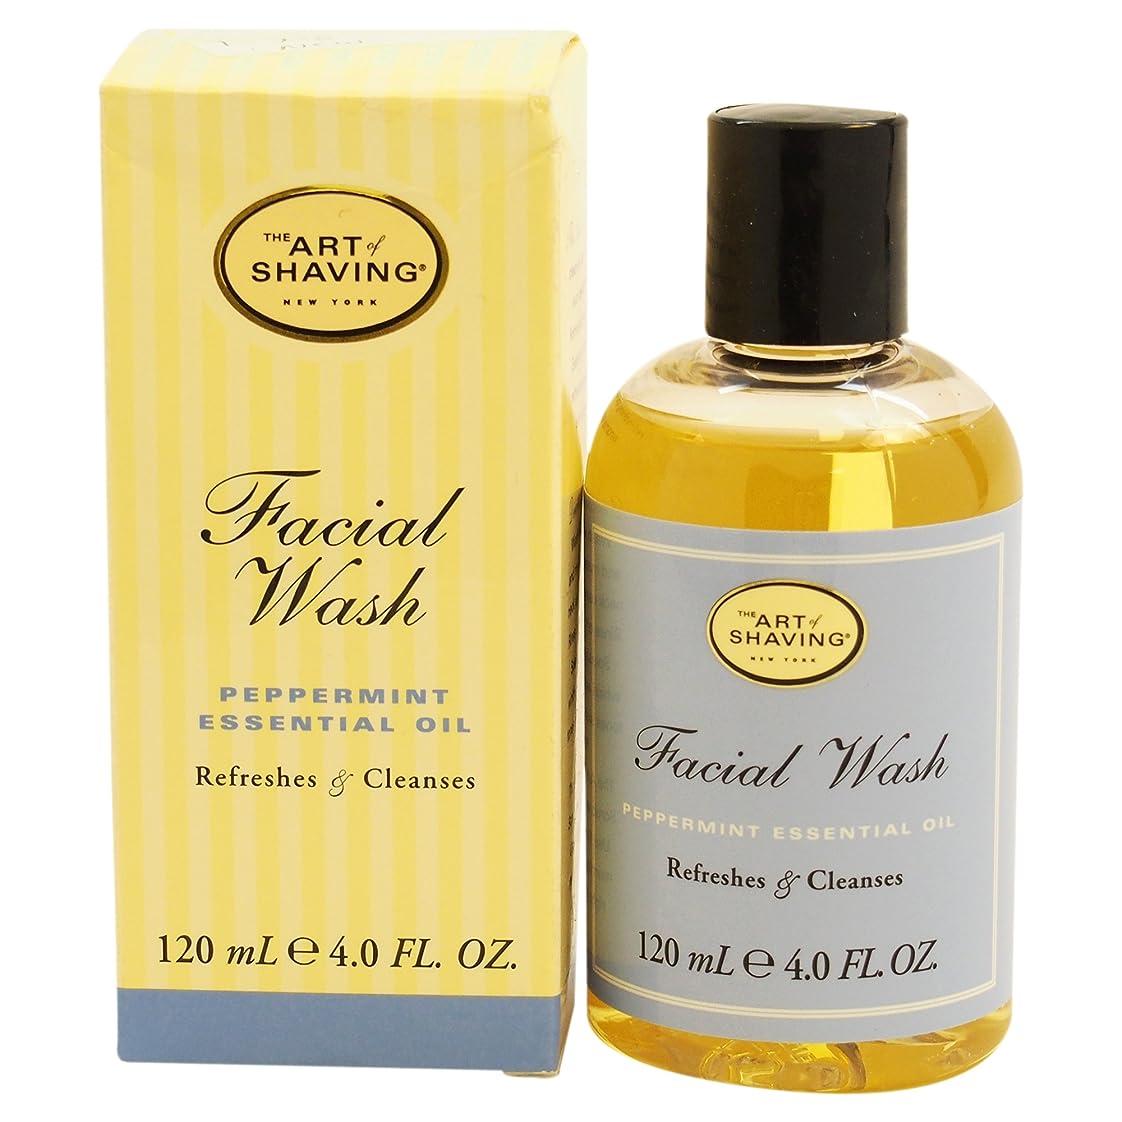 うんそれにもかかわらず冷えるThe Art Of Shaving Facial Wash With Peppermint Essential Oil (並行輸入品) [並行輸入品]